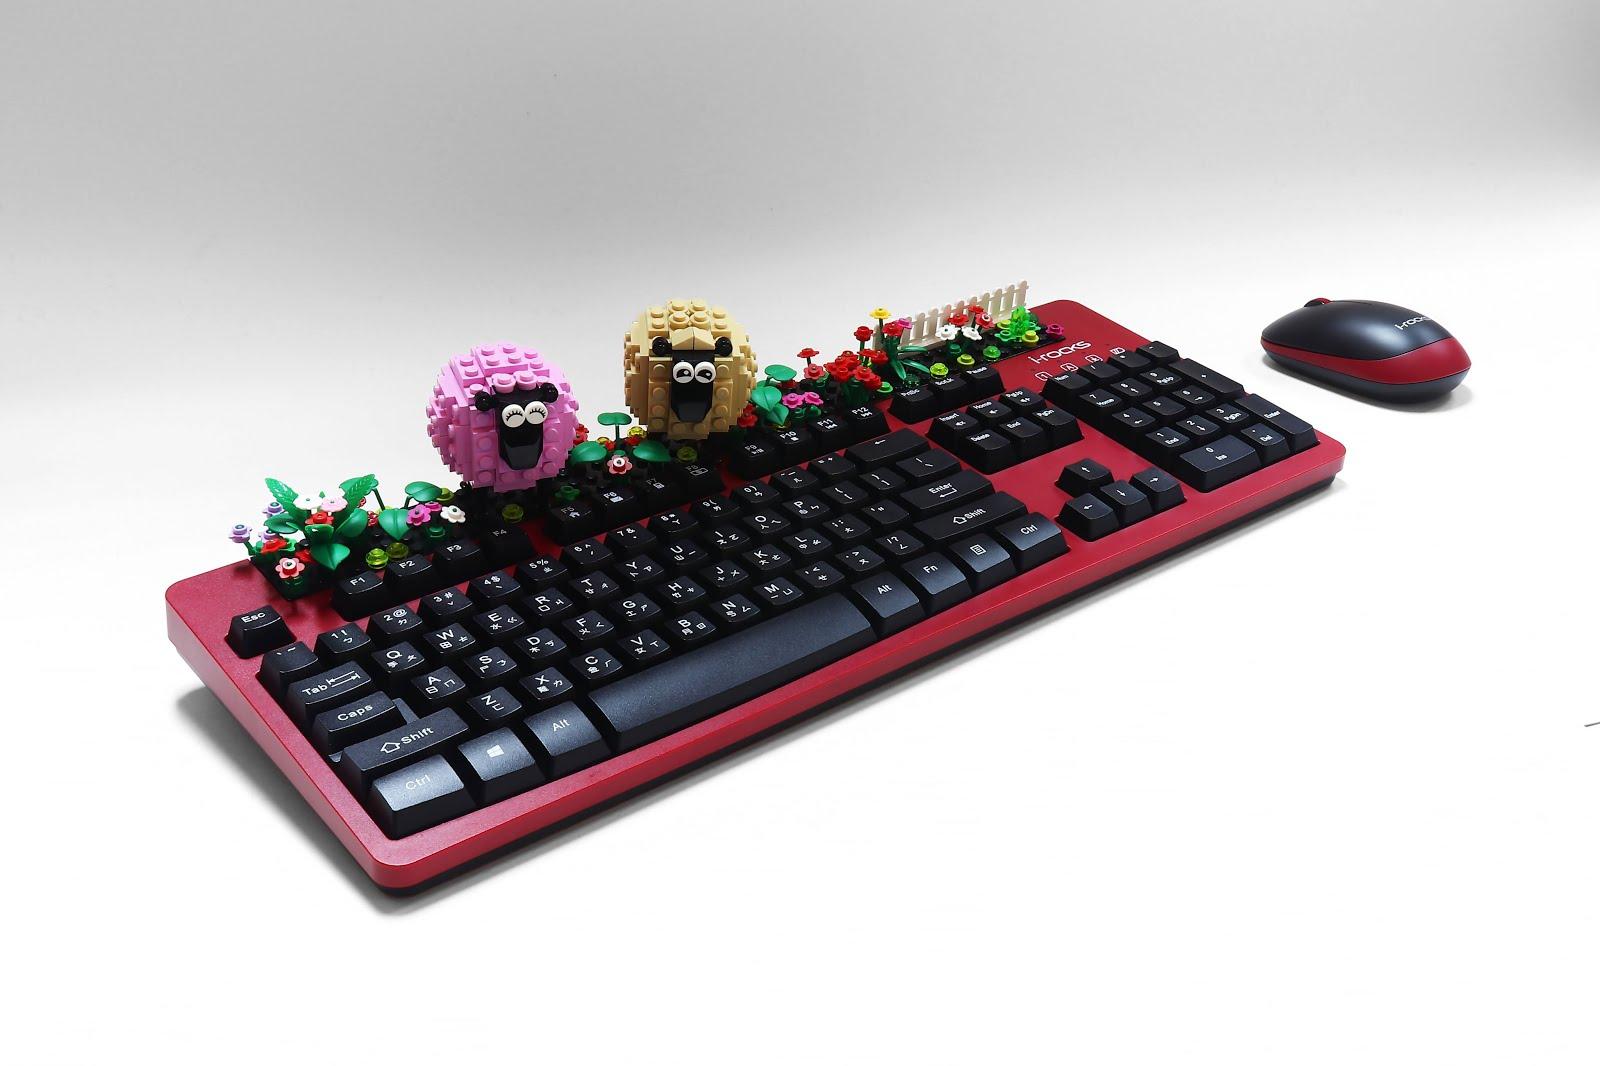 新積木鍵盤K77RP來了